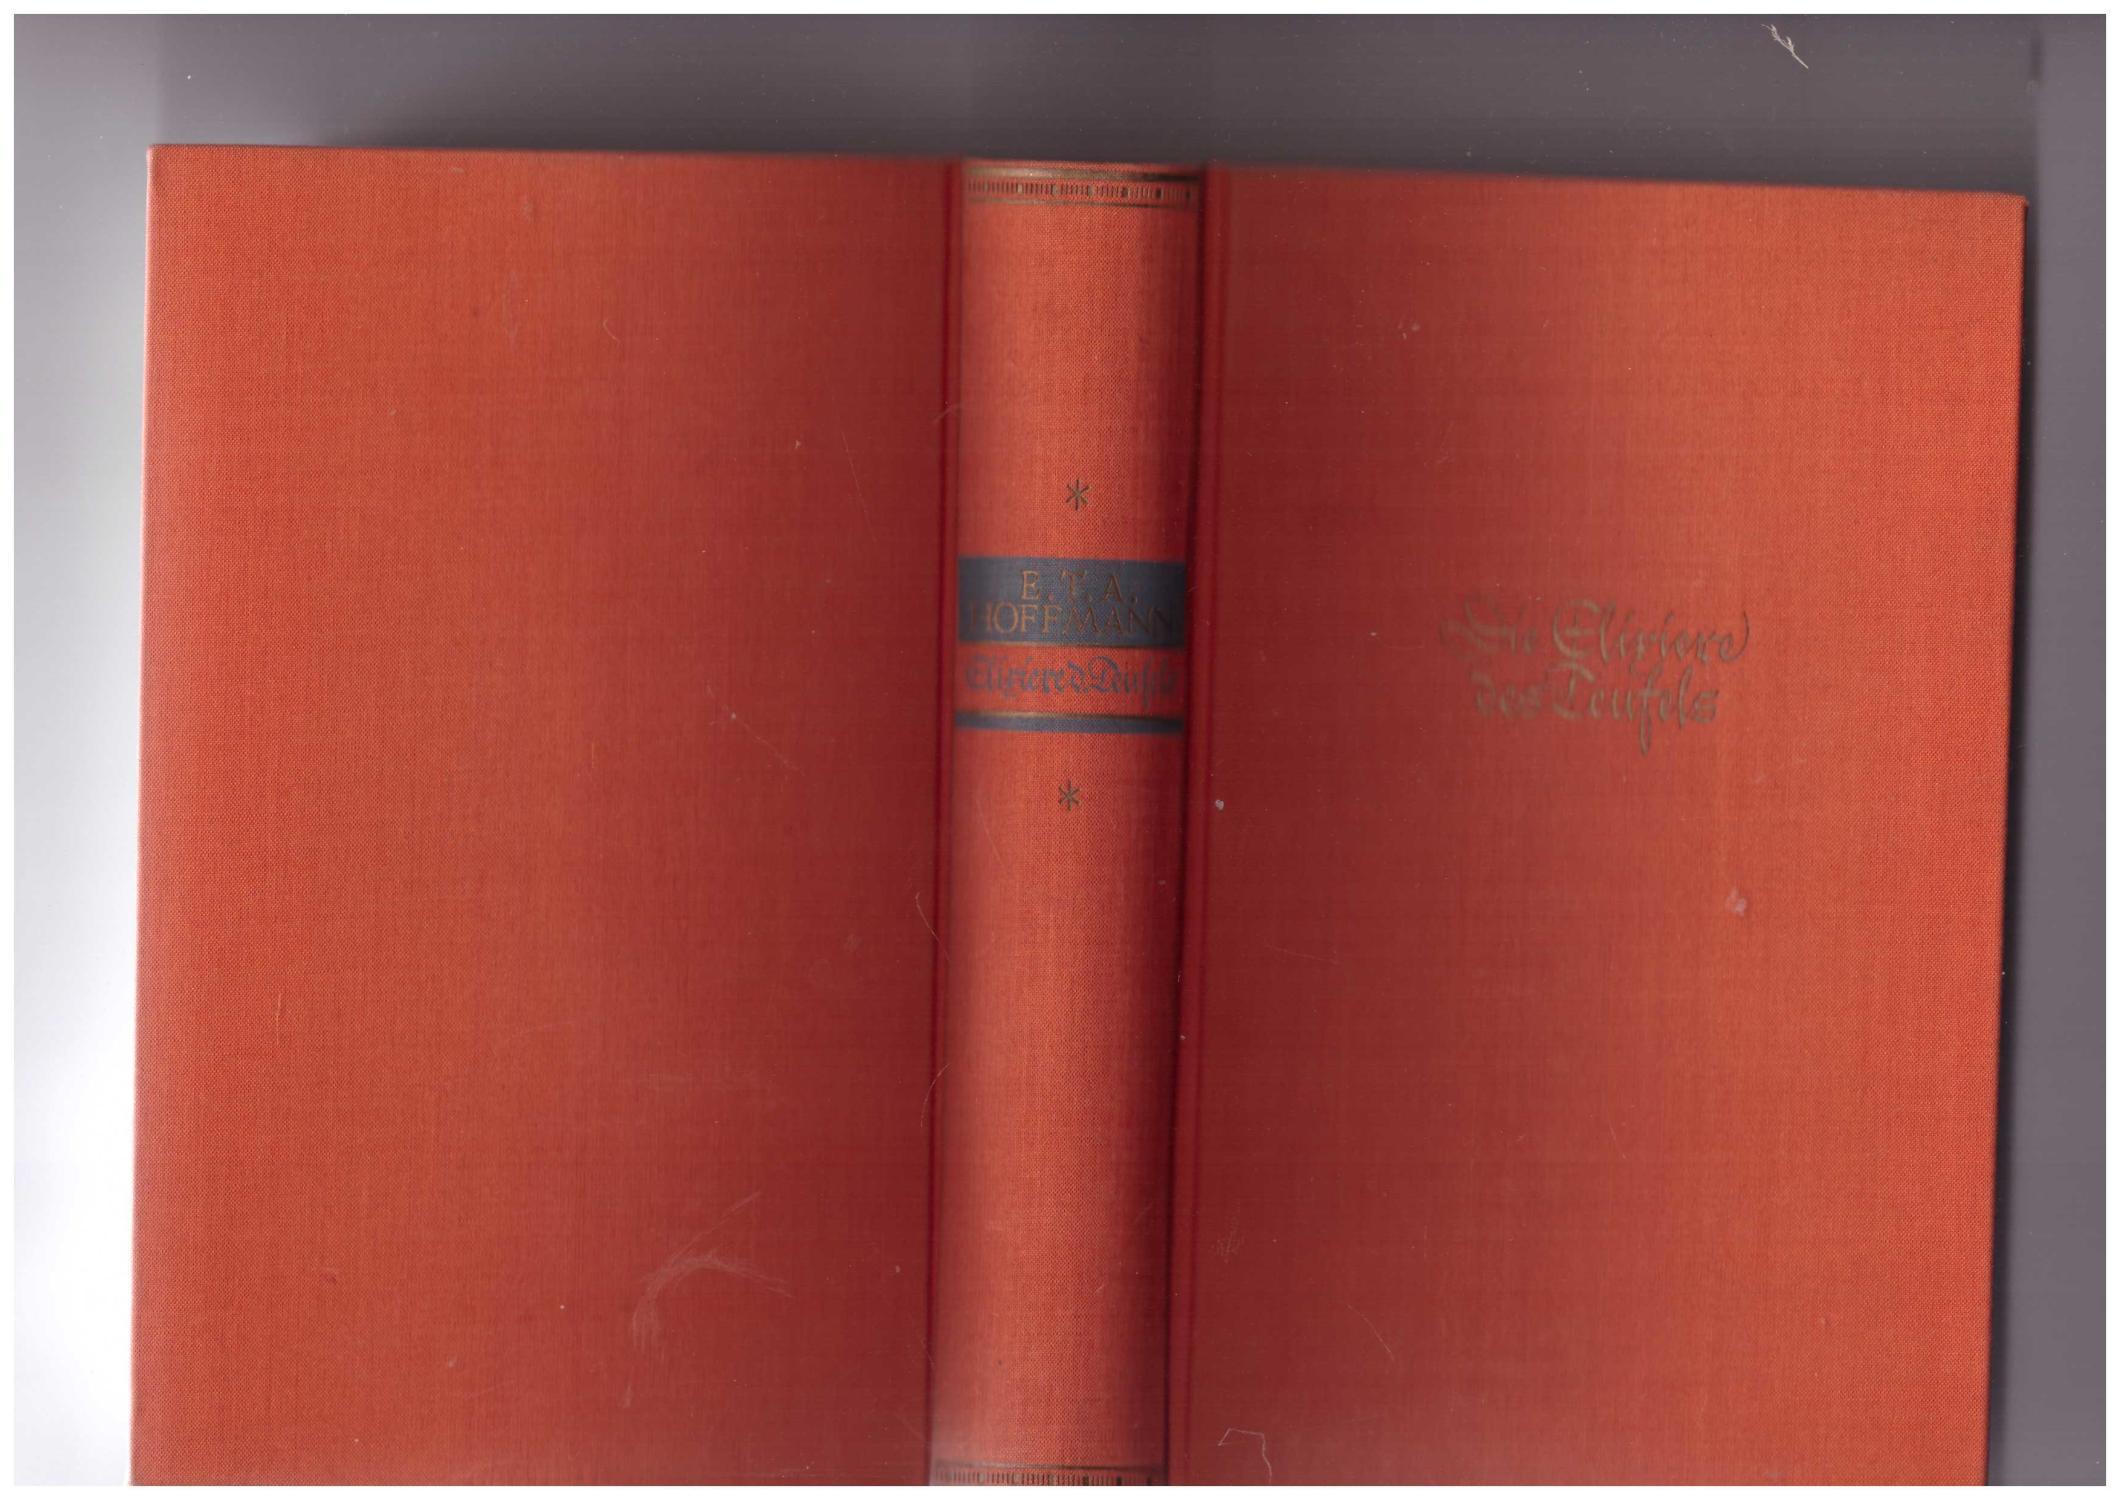 Die Elixire des Teufels: Hoffmann, E. Th.